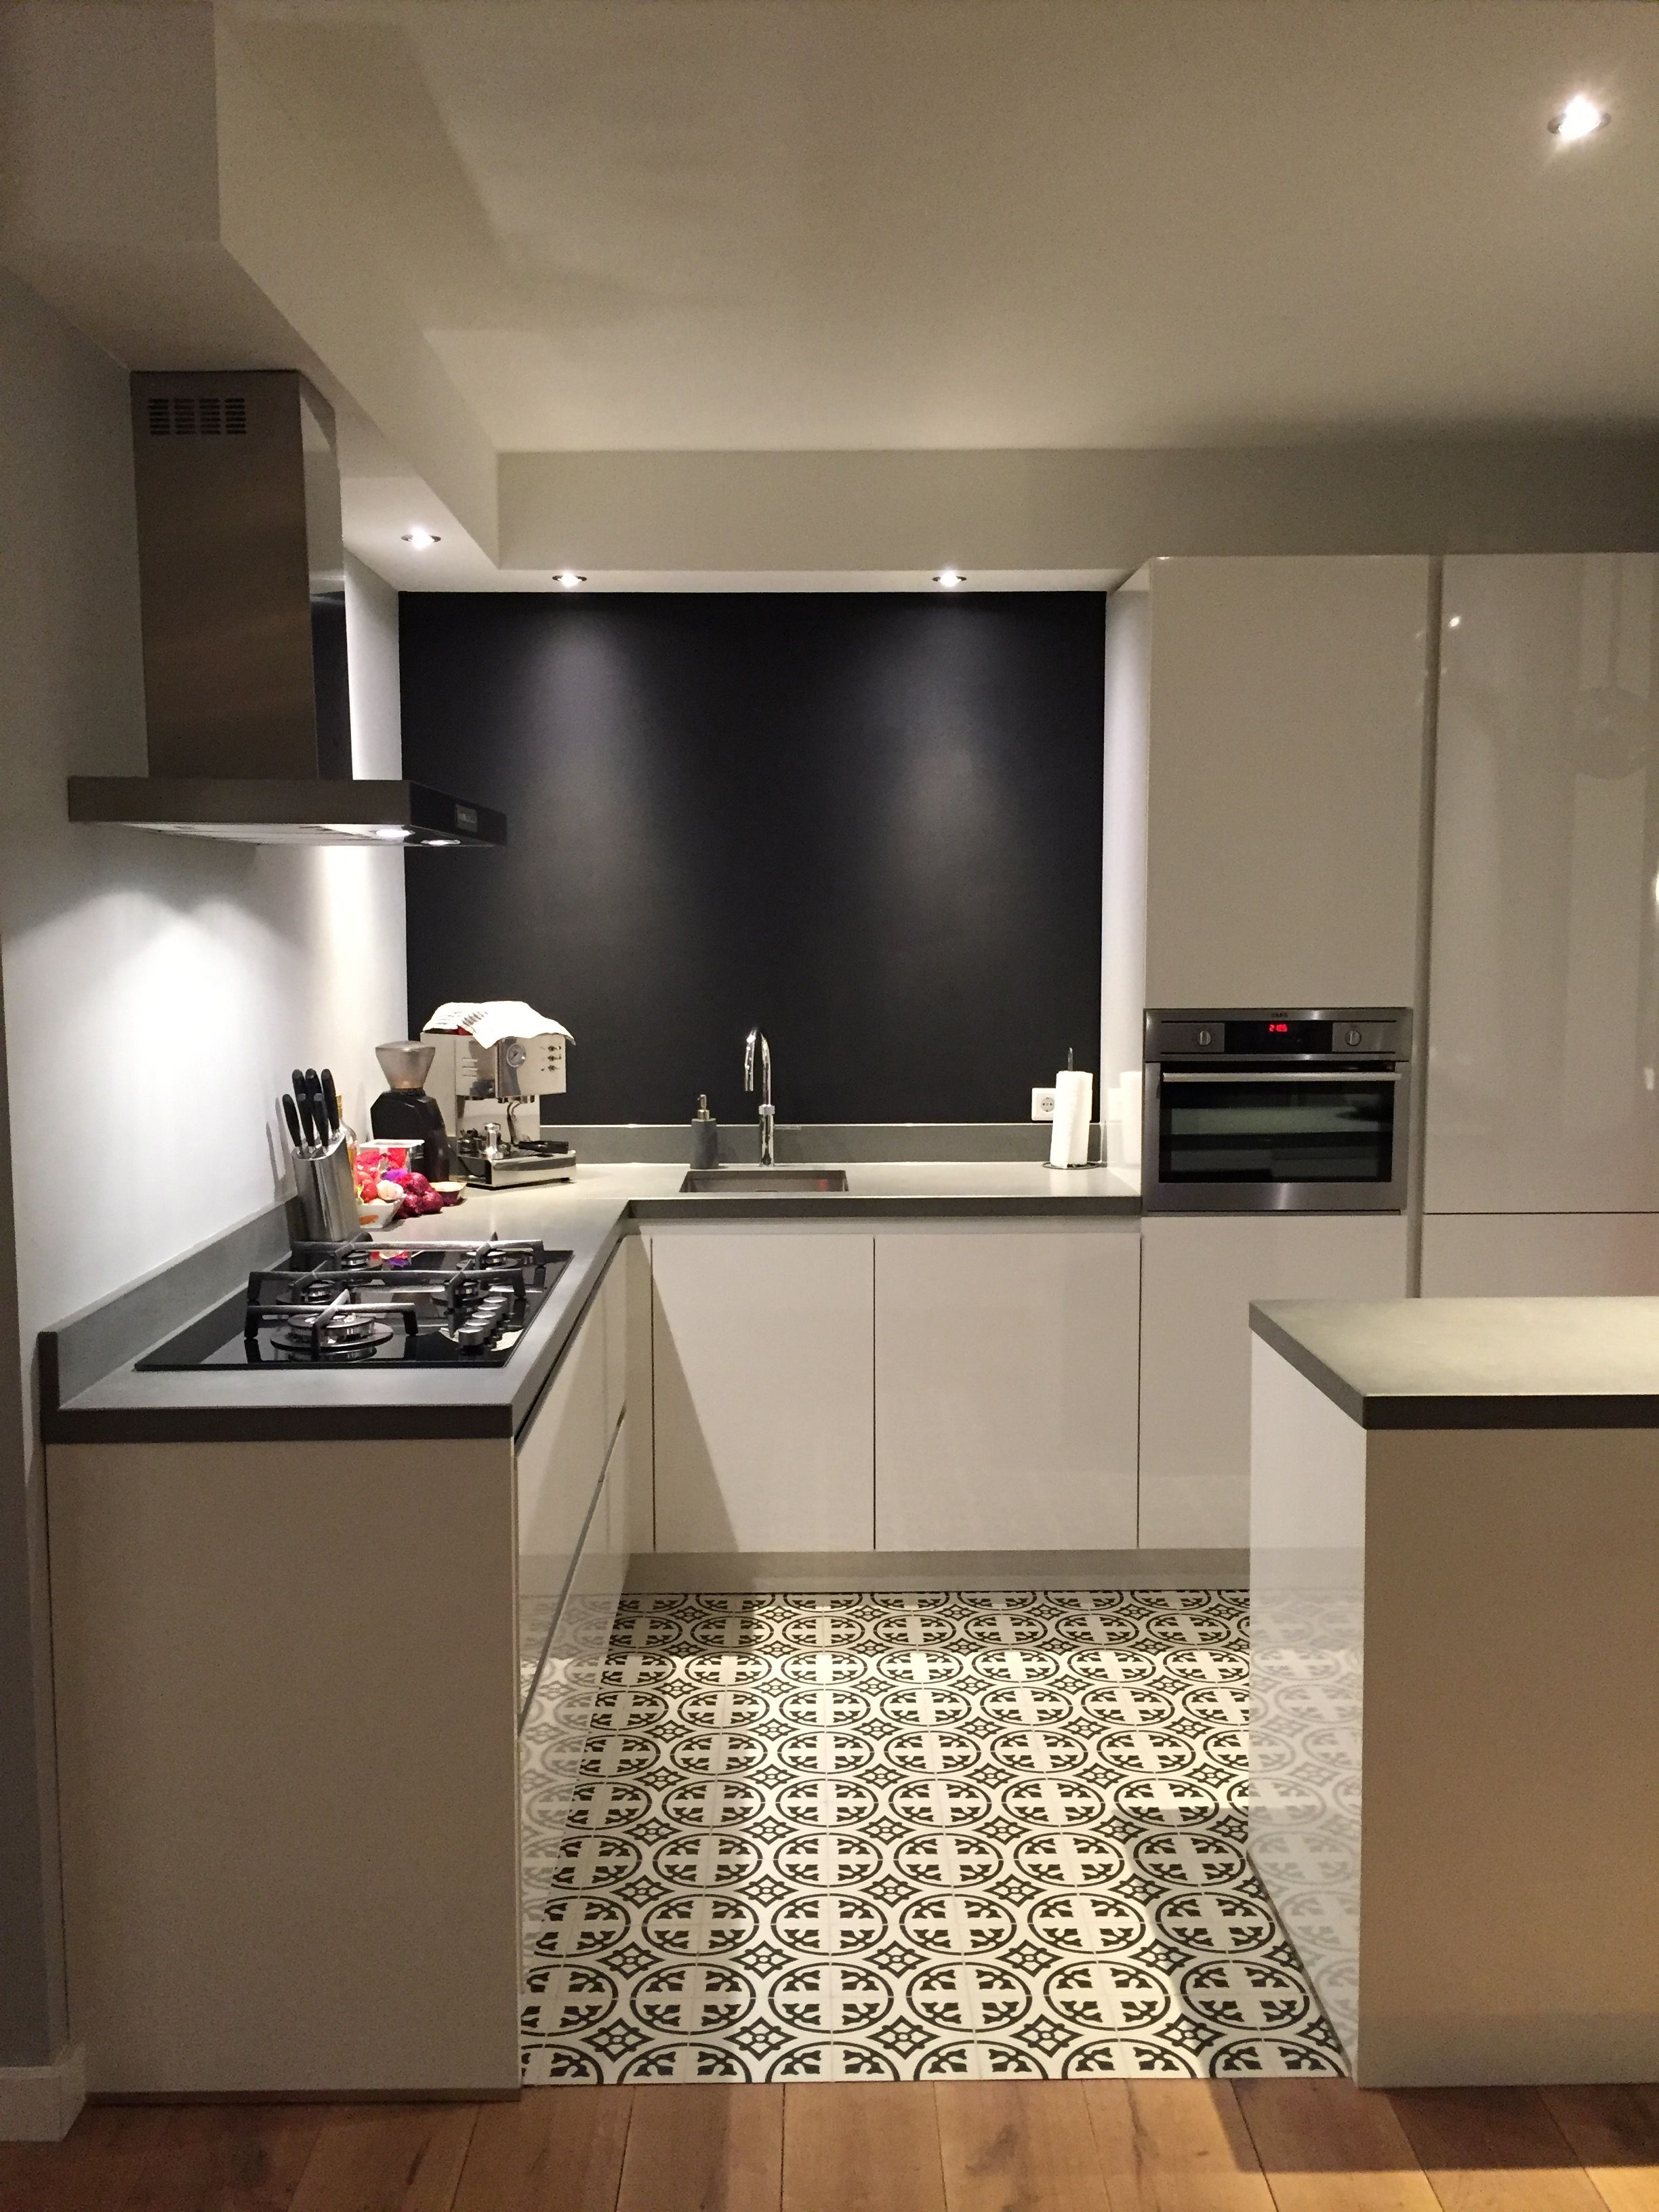 Zwart, wit, grijze keuken. Portugese tegels en houten vloer | Keuken ...